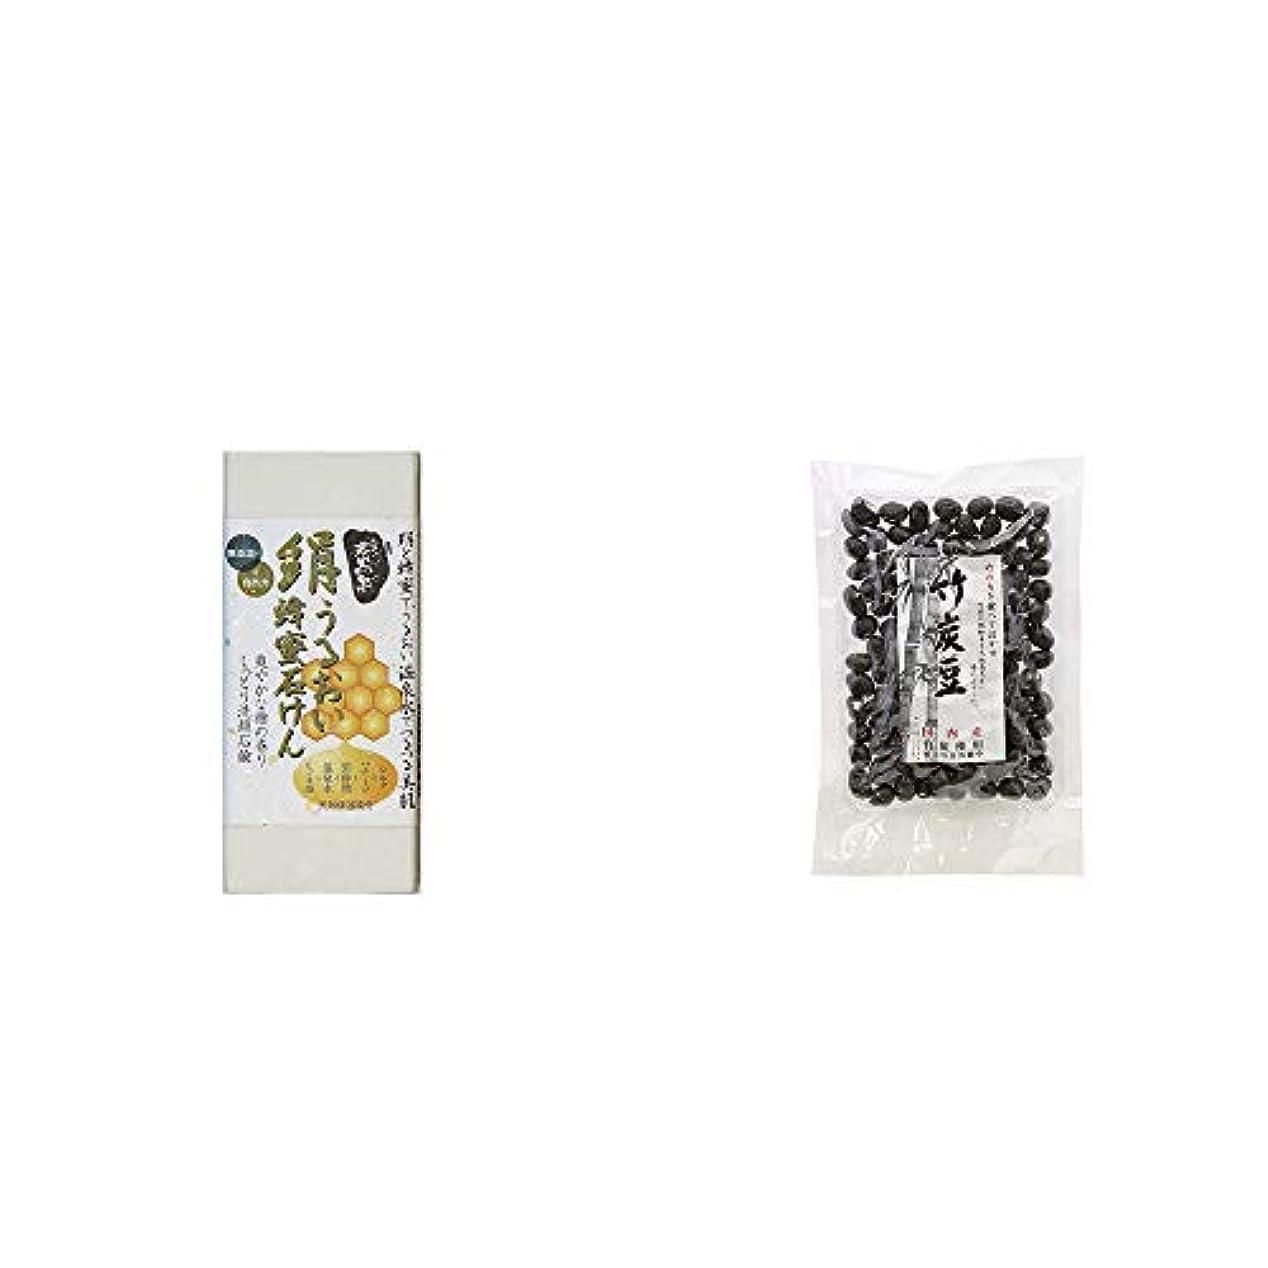 政策バックグラウンド獲物[2点セット] ひのき炭黒泉 絹うるおい蜂蜜石けん(75g×2)?国内産 竹炭使用 竹炭豆(160g)